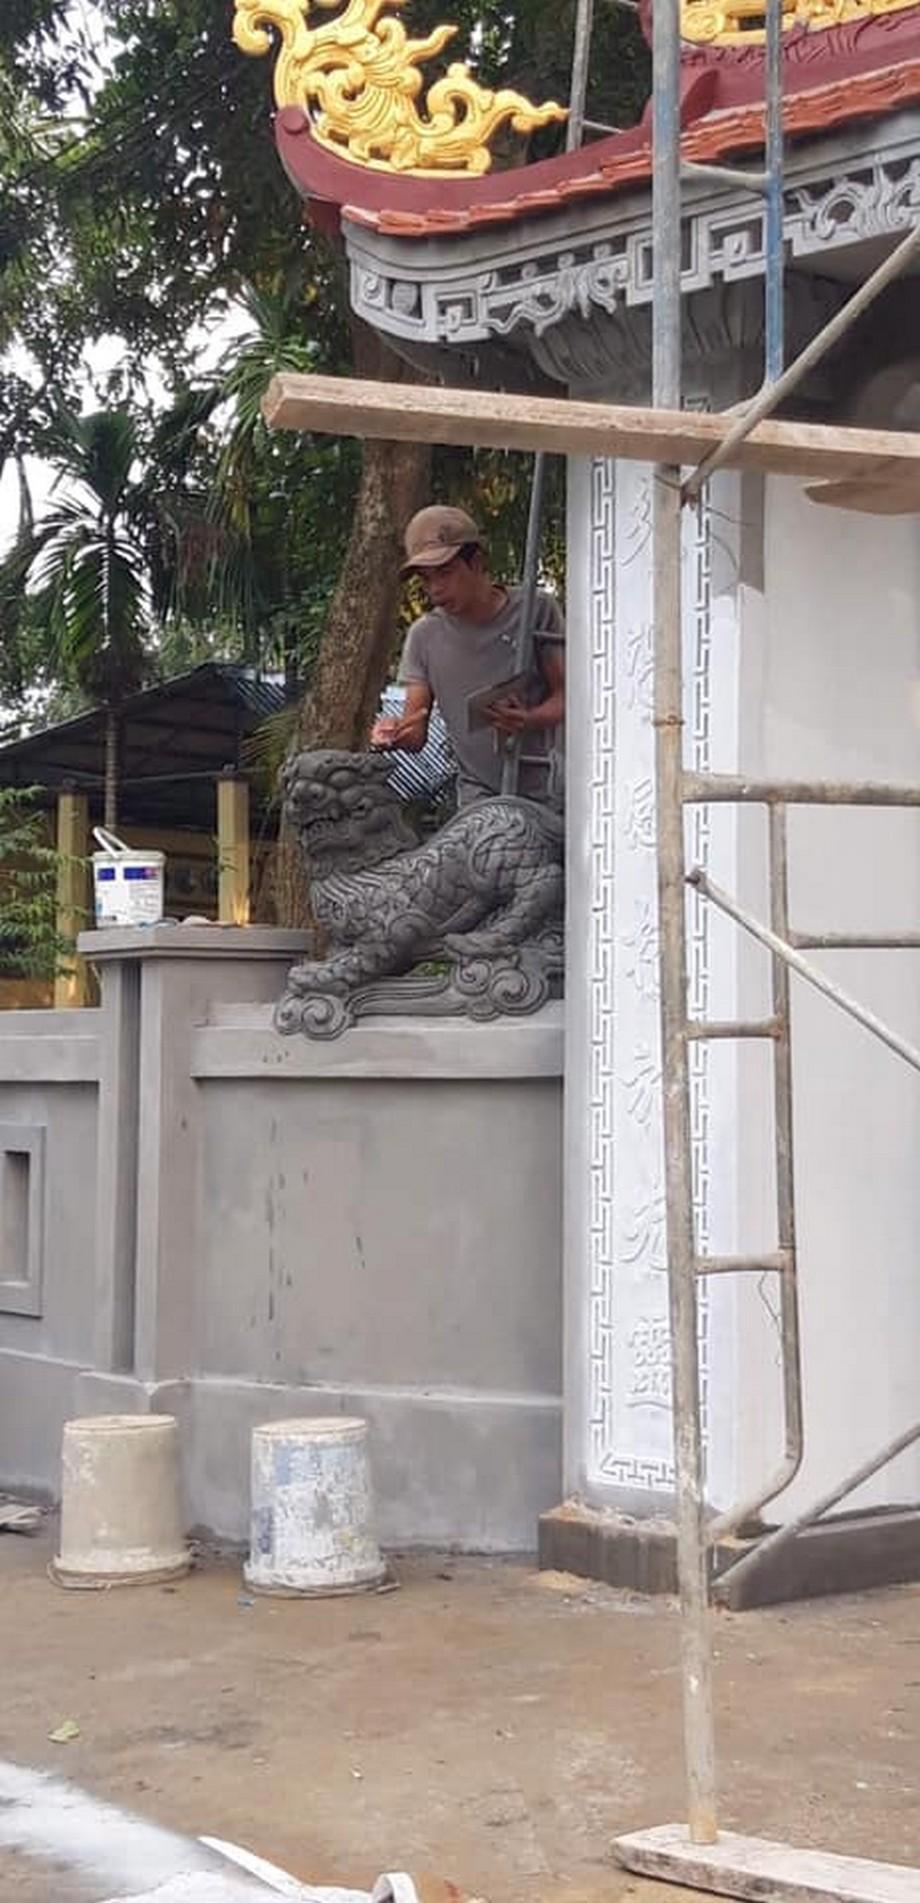 Cải tạo lại nhà thờ họ 3 gian 2 mái của dòng họ Ngô Đức mang đậm nét văn hóa của xứ Huế